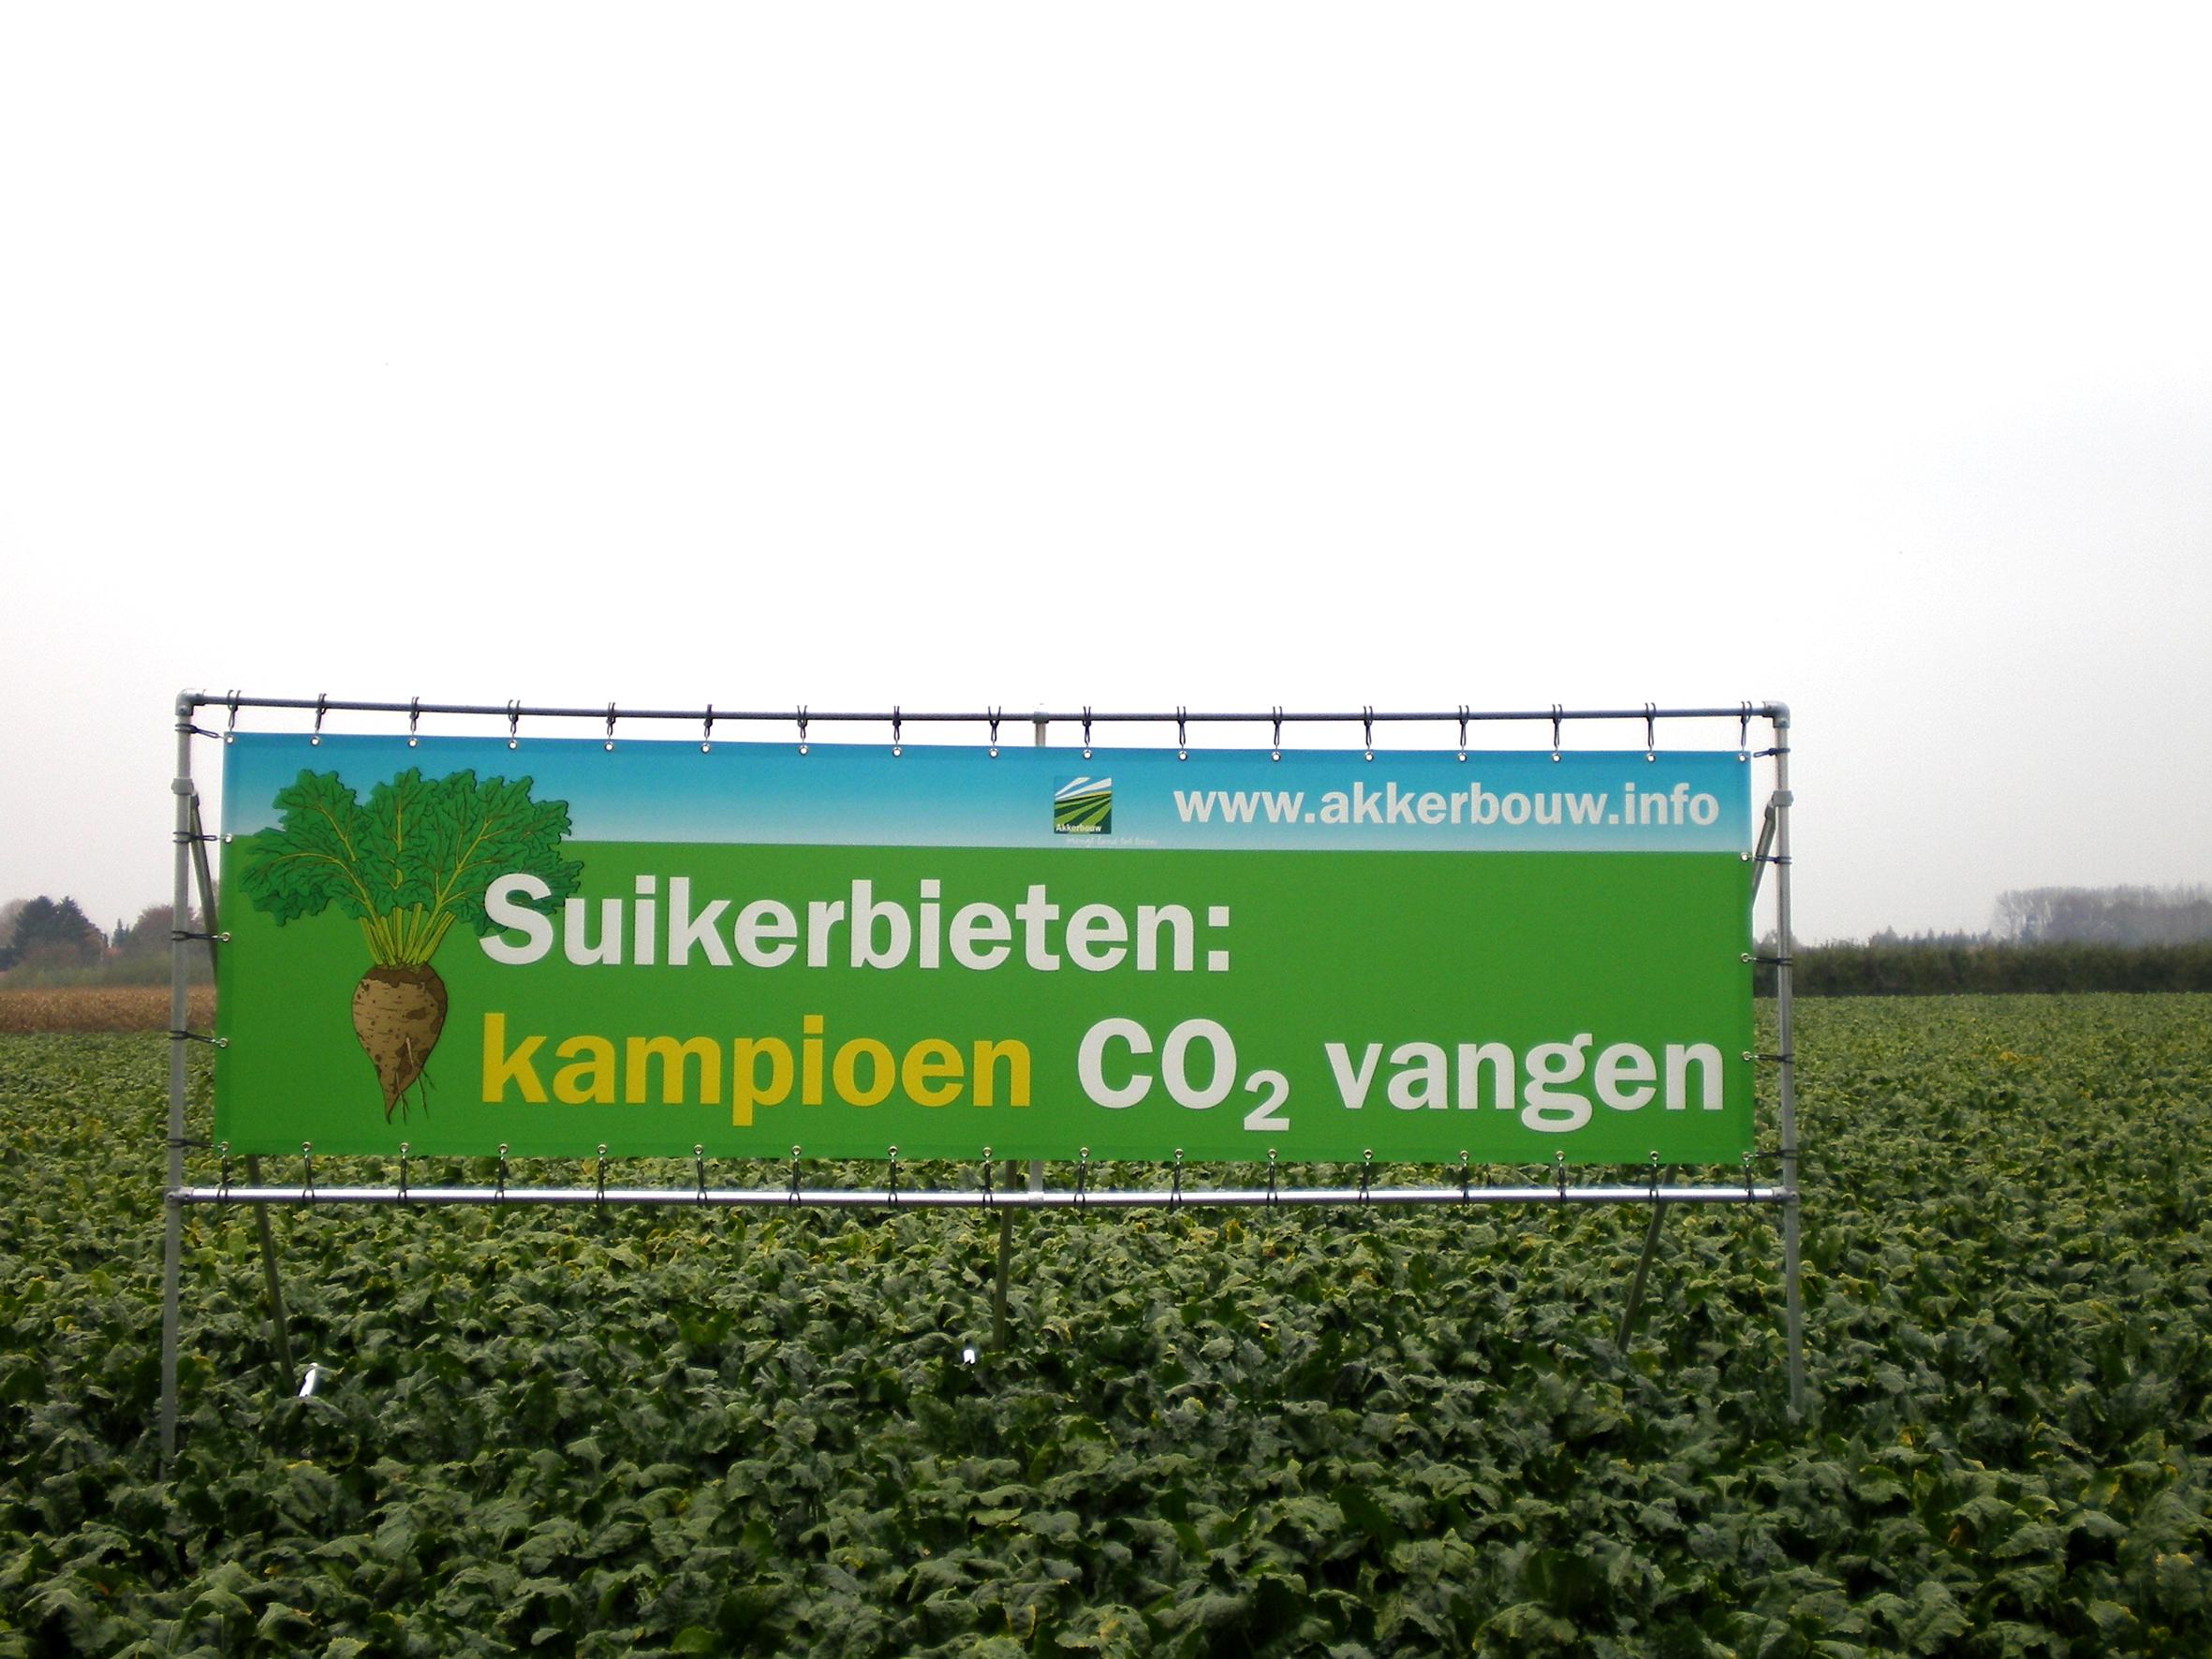 Koolstofdioxide vastleggen: suikerbieten zijn er goed in!